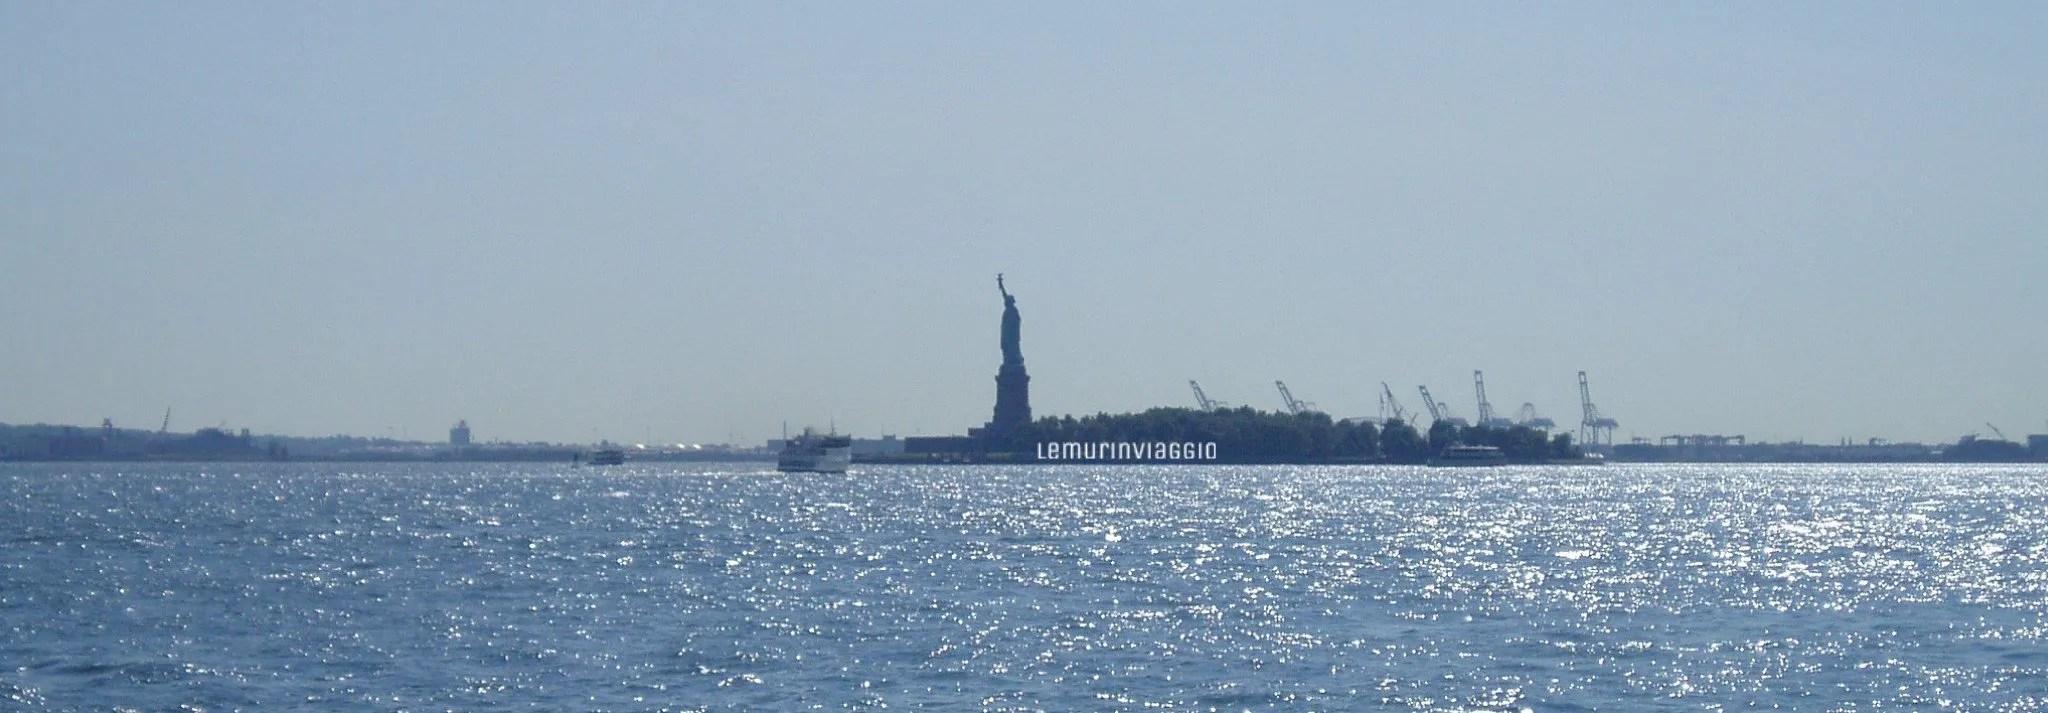 lemurinviaggio Statua della libertà